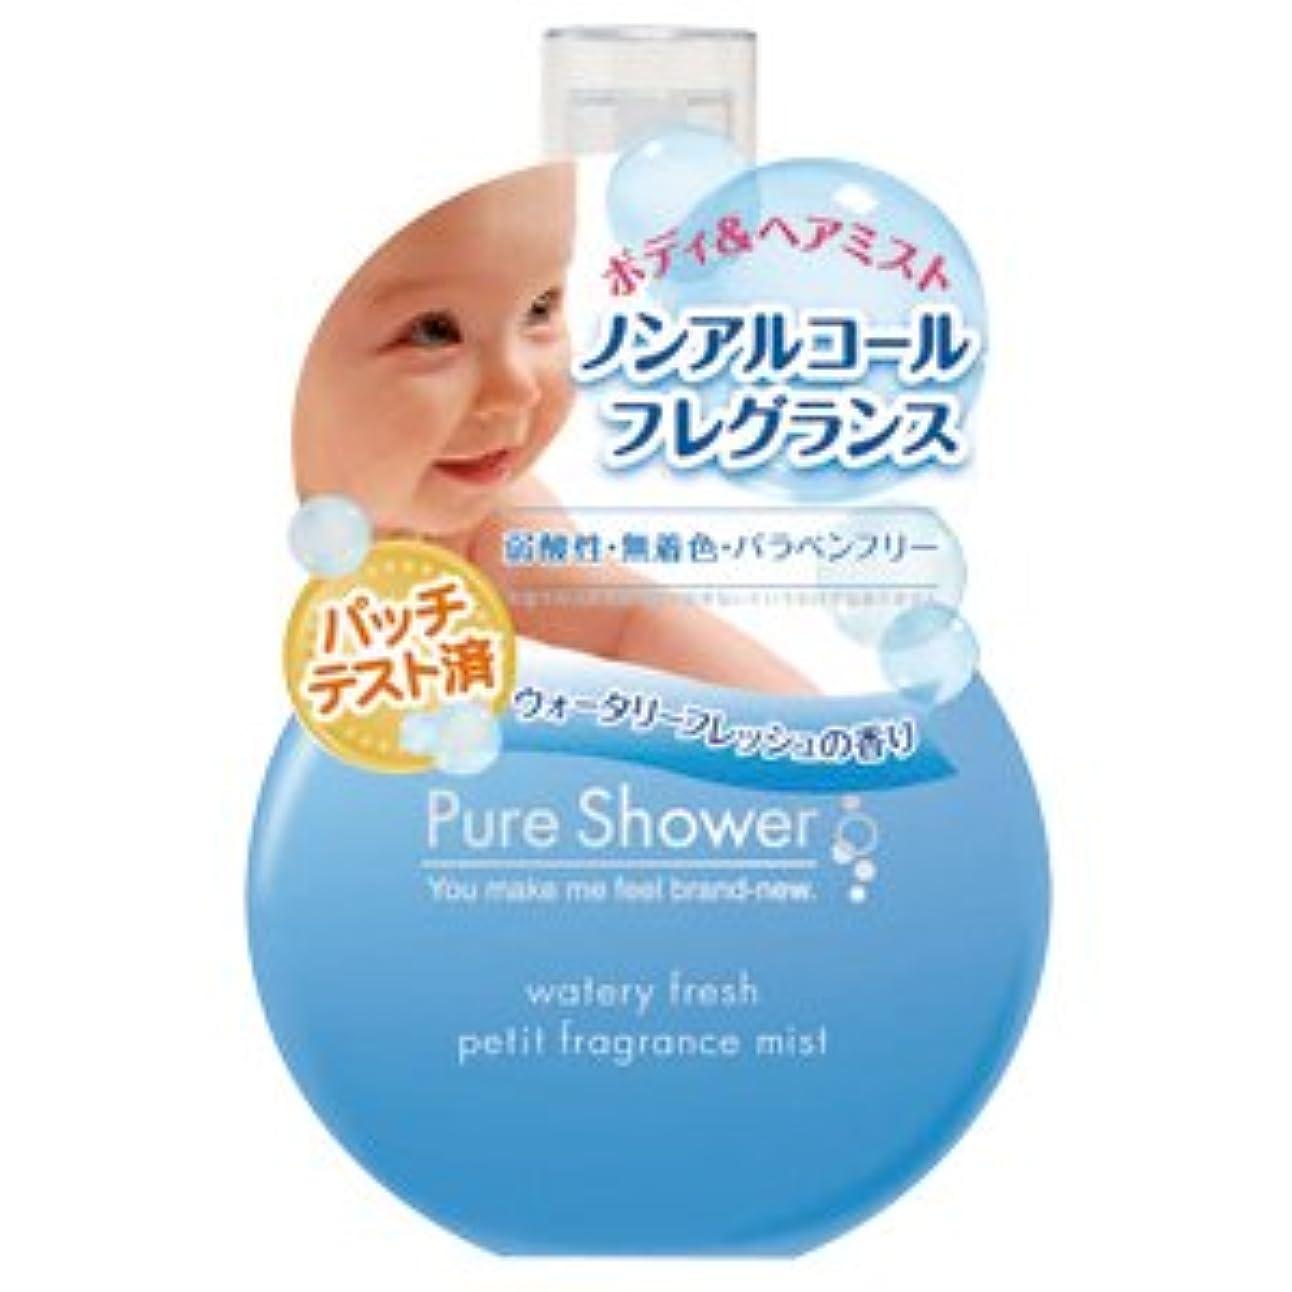 ナンセンス第五同化ピュアシャワー Pure Shower ノンアルコール フレグランスミスト ウォータリーフレッシュ 50ml